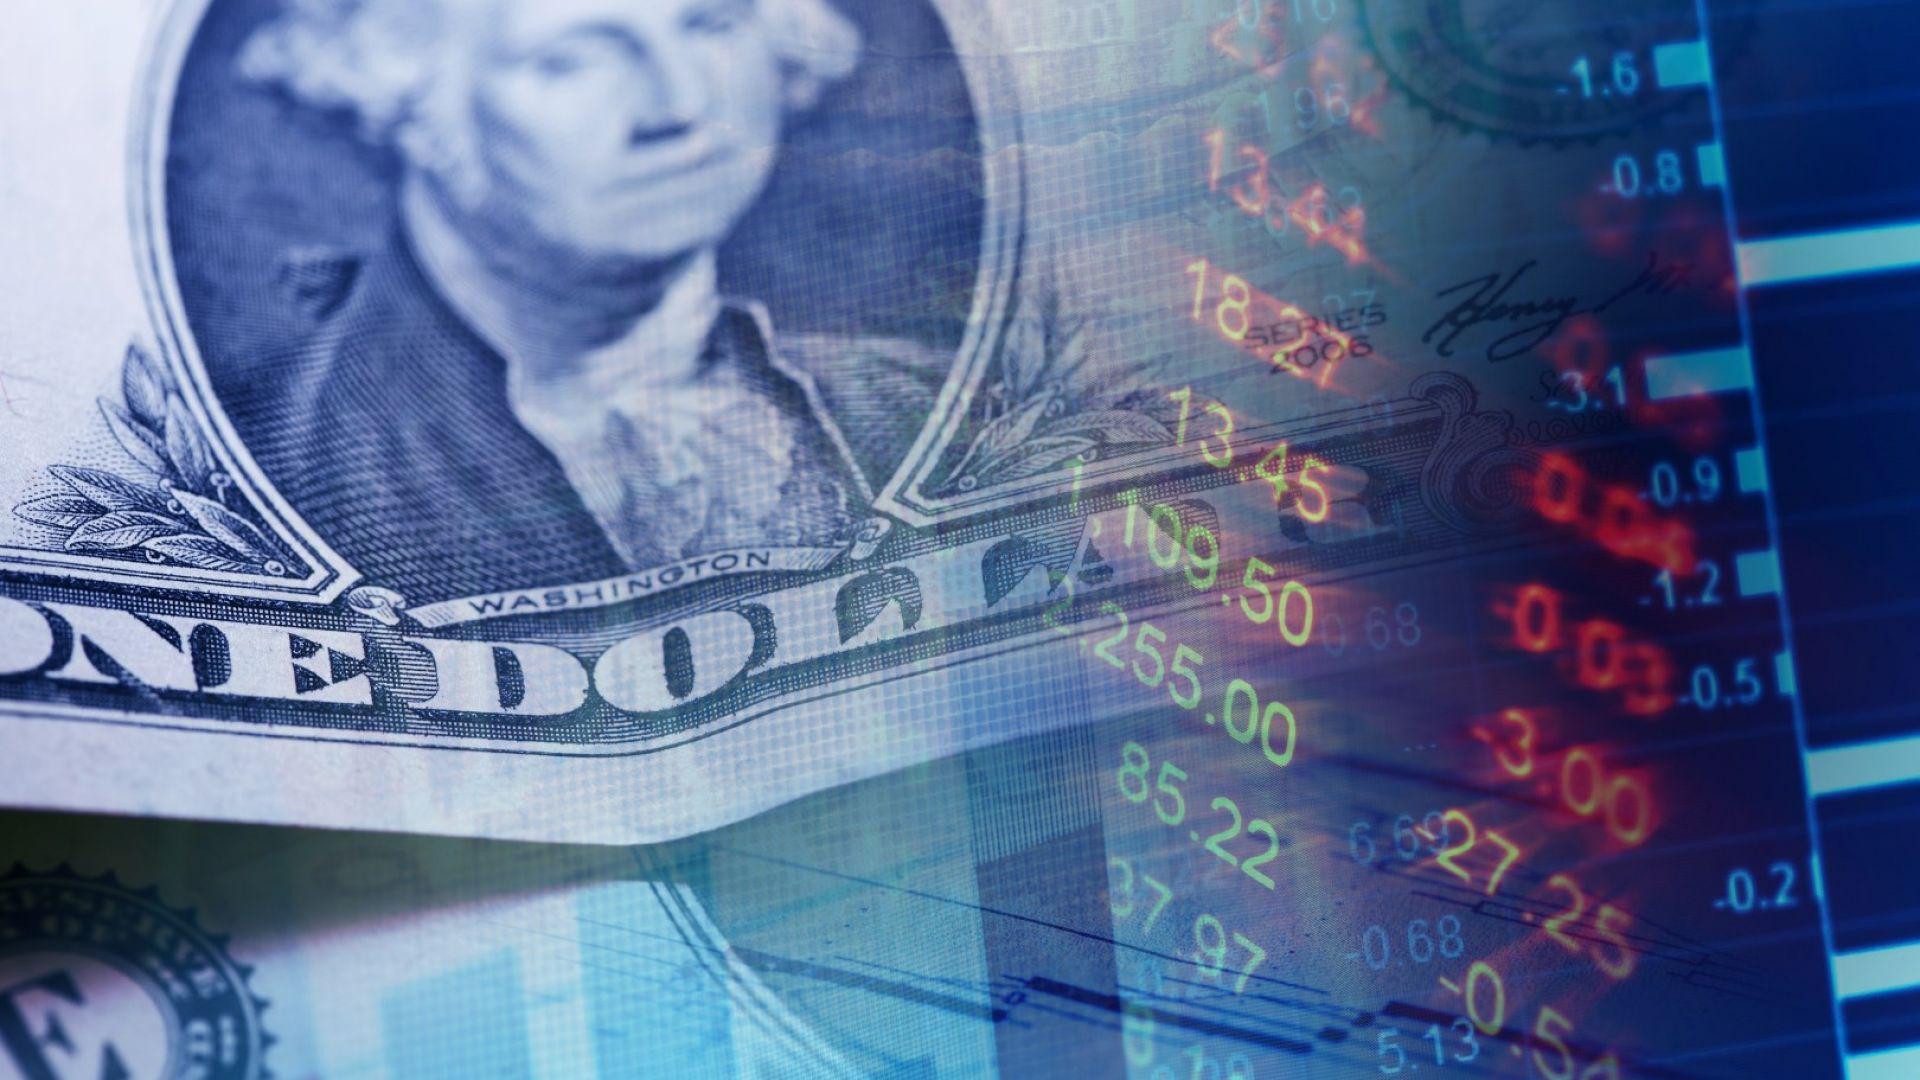 Управление за федерален резерв на САЩ намали лихвите си почти до нула